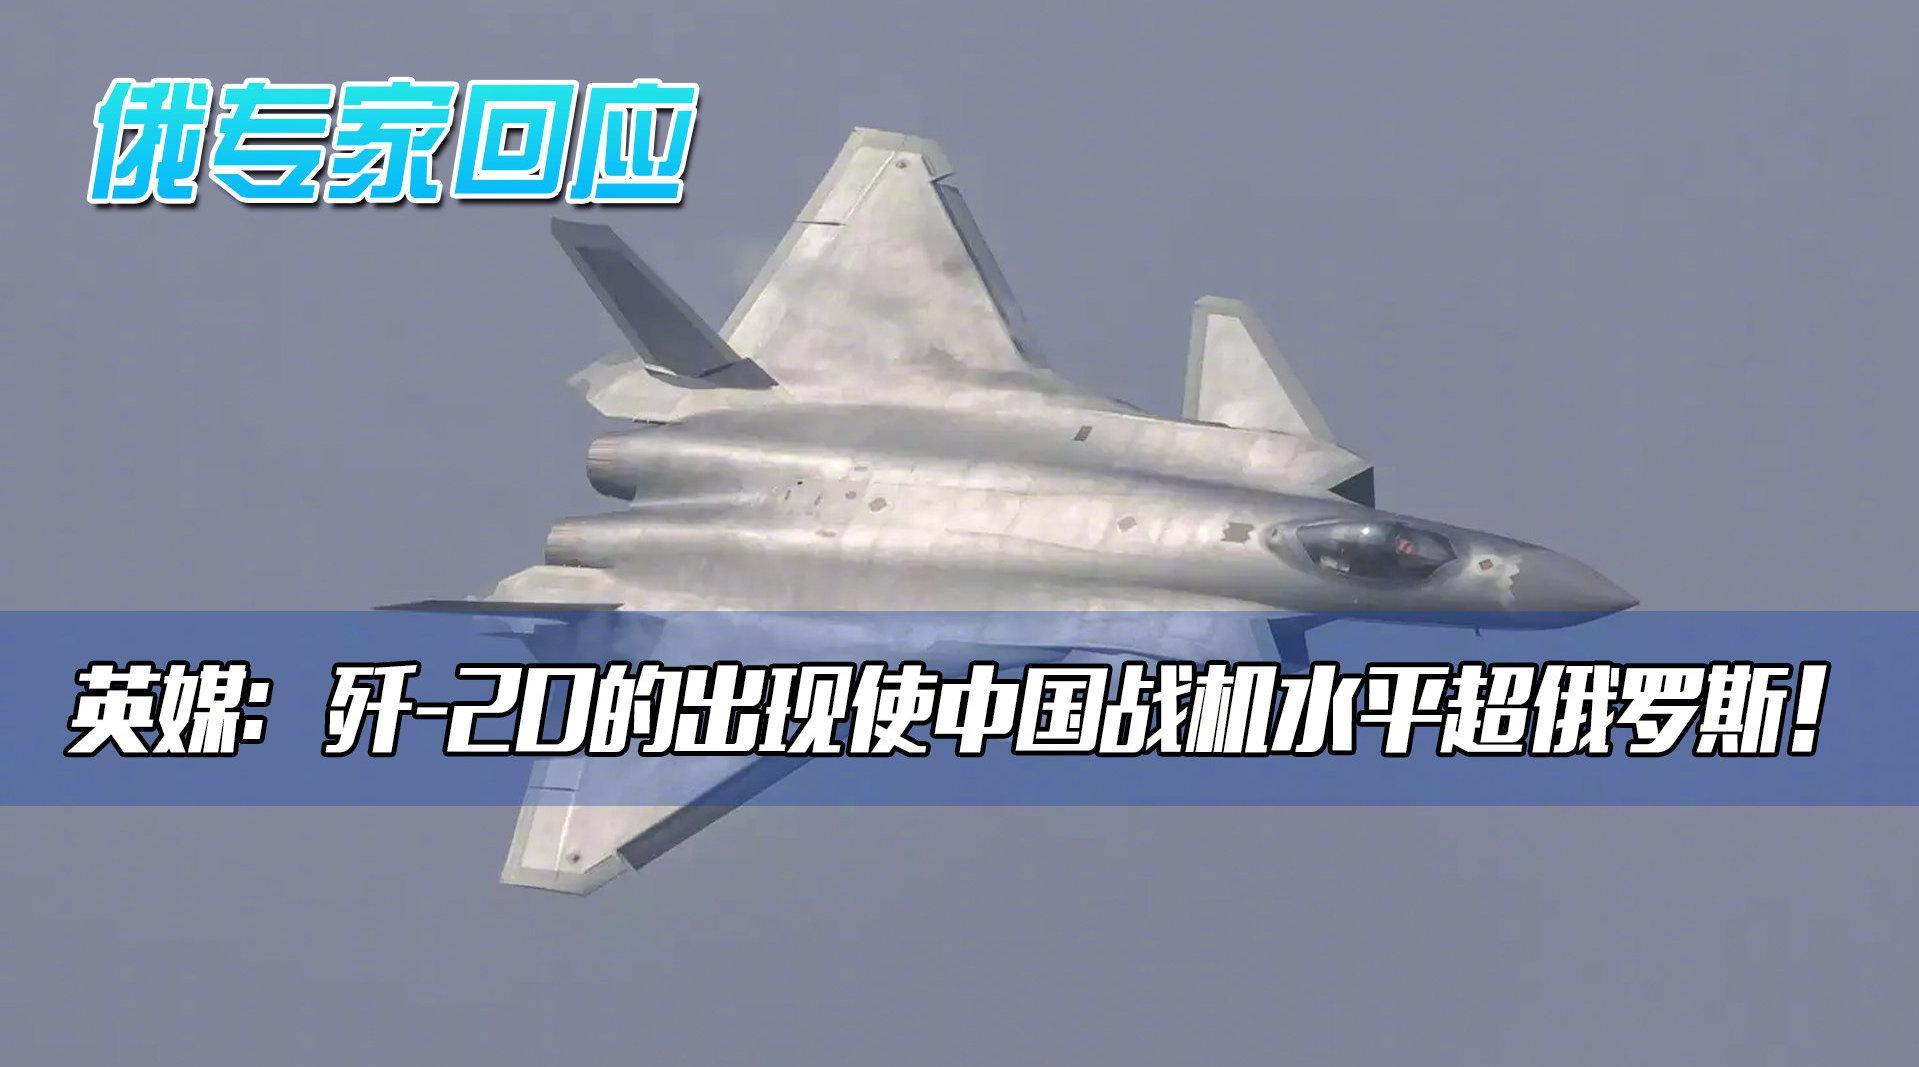 英媒:歼-20的出现使中国战机水平超俄罗斯!